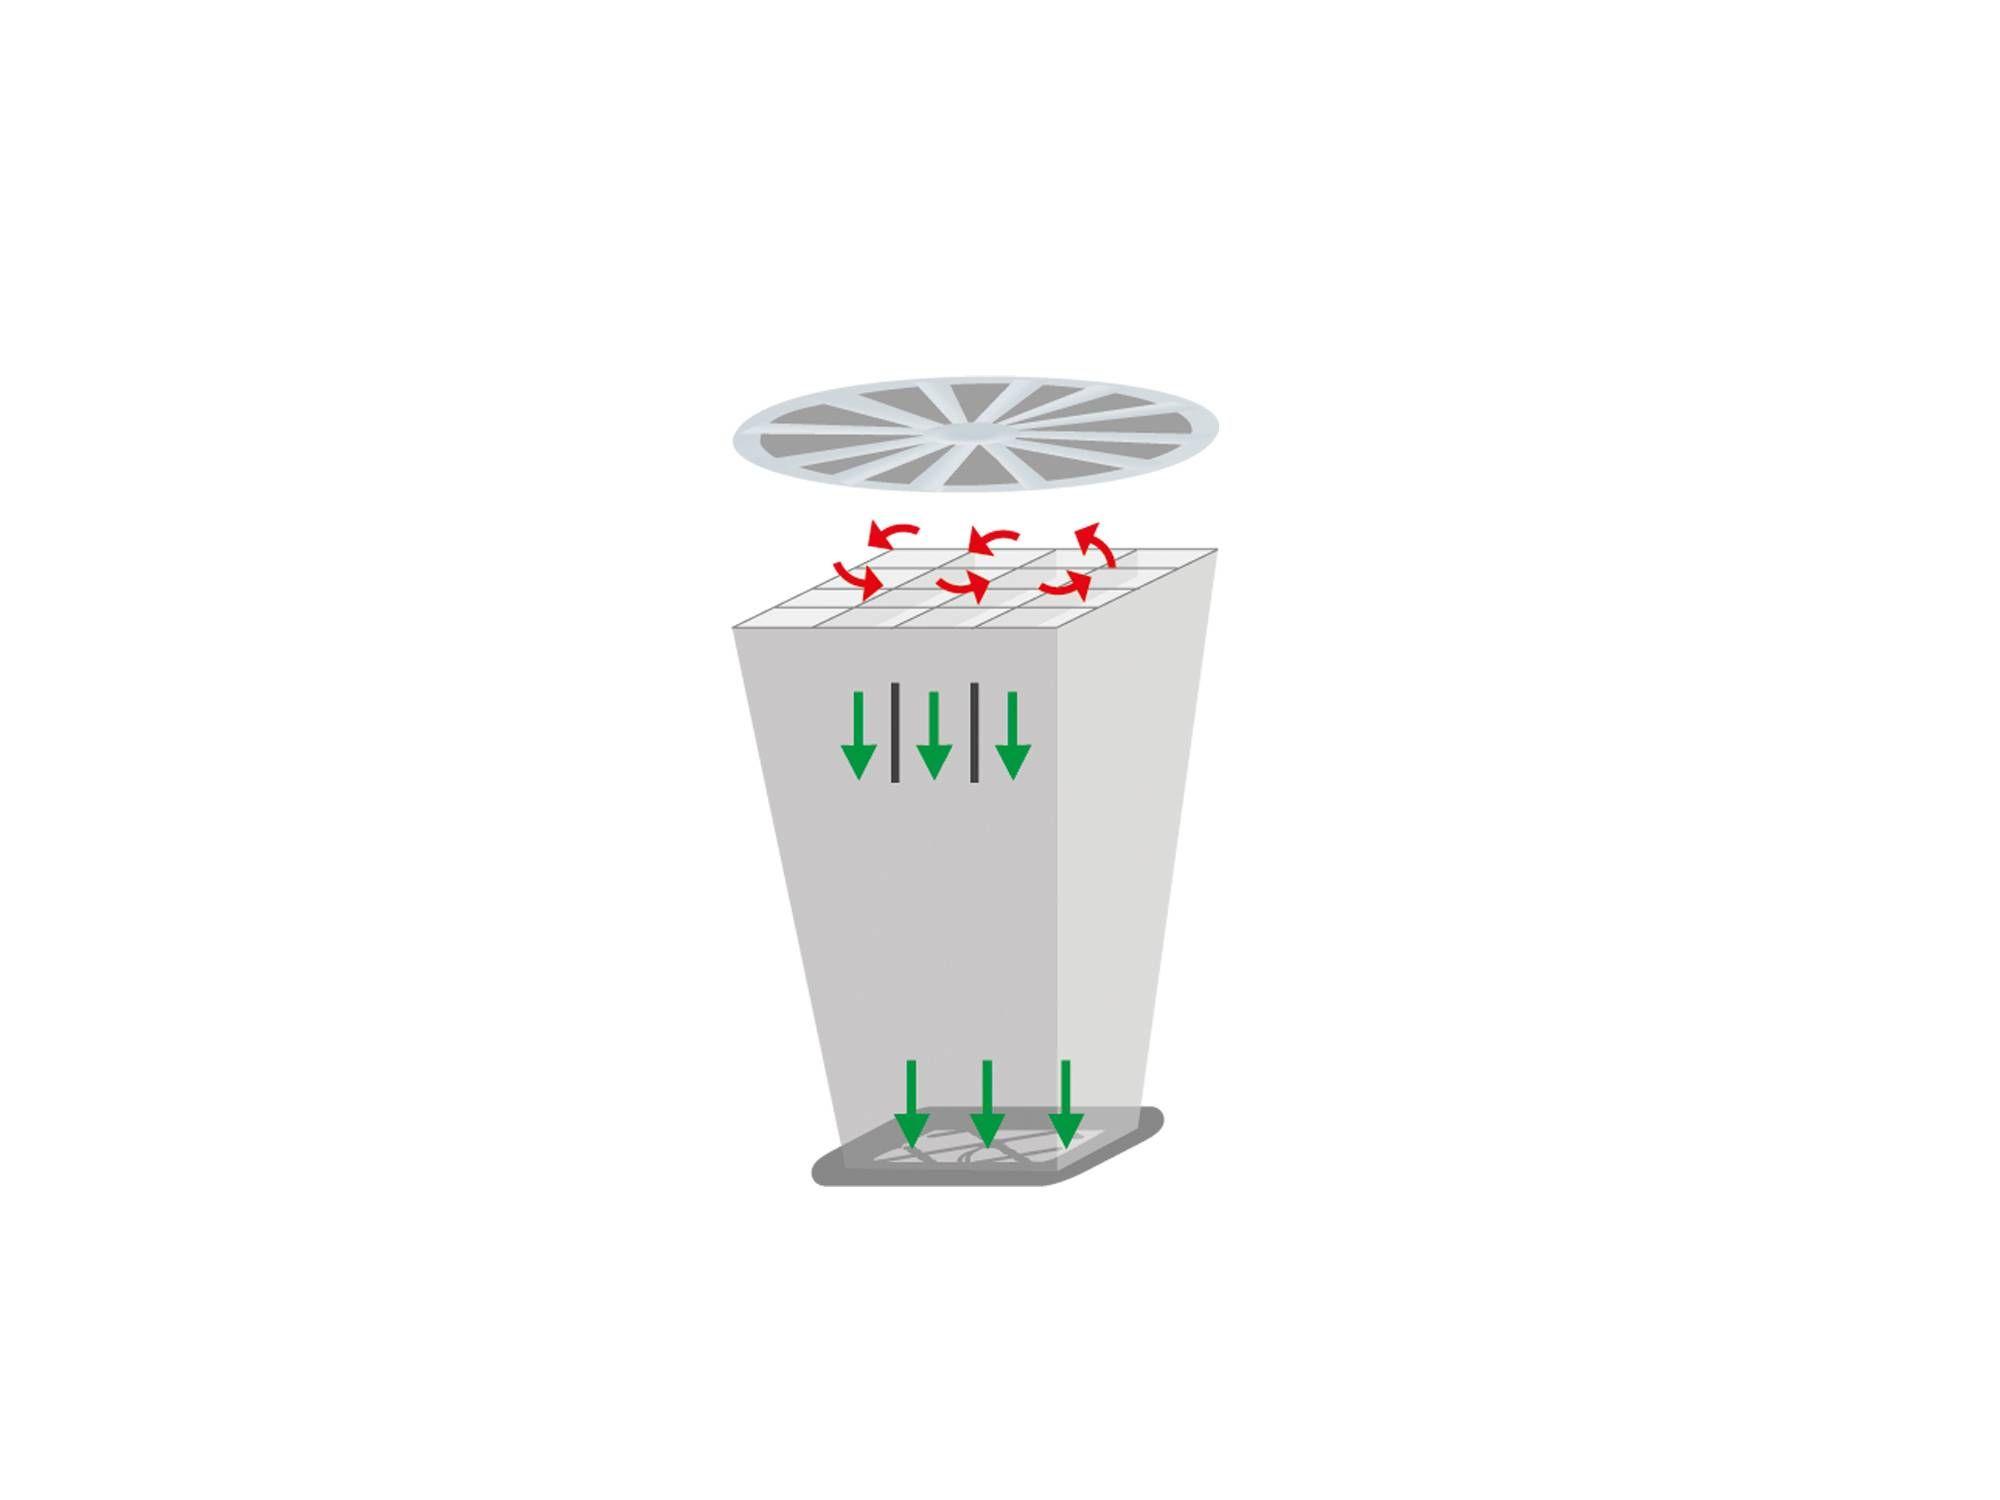 testo-420-volumenstrom-gleichrichter-illustration.jpg